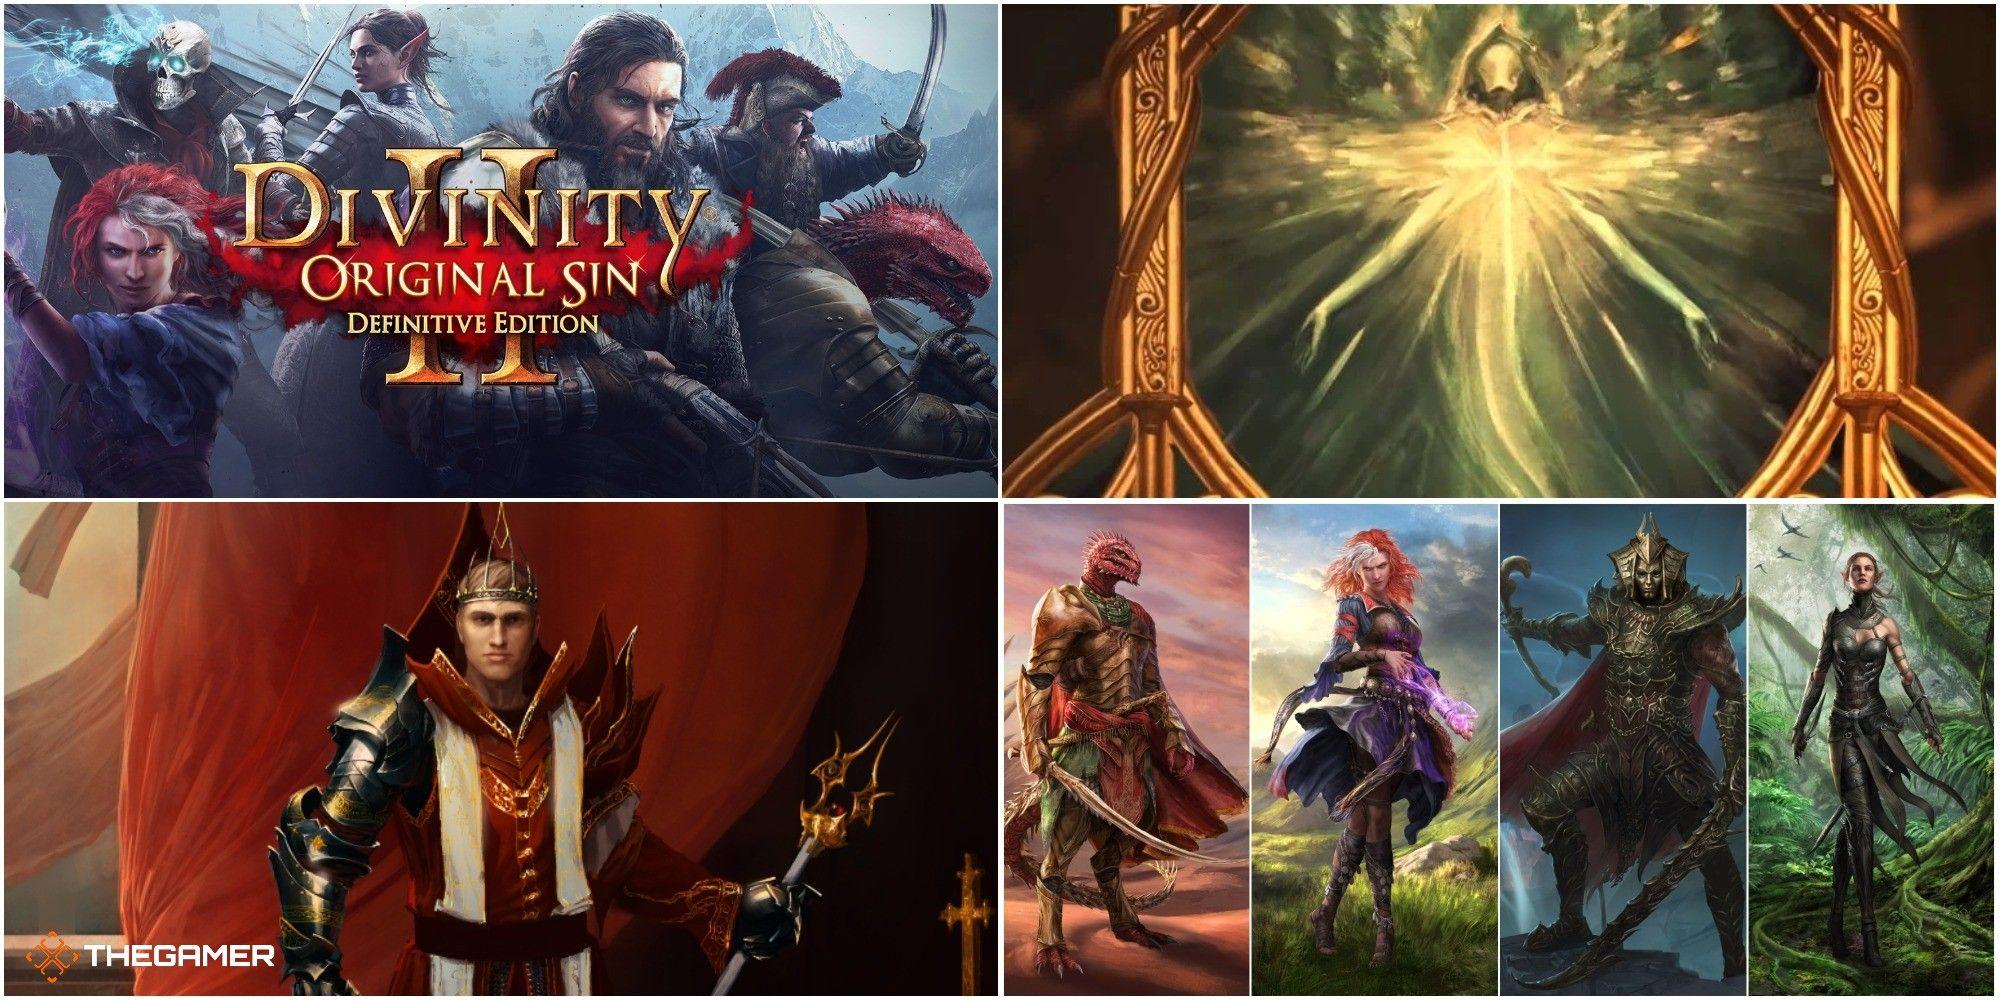 ¿Cuánto tiempo se tarda en vencer a Divinity: Original Sin 2?